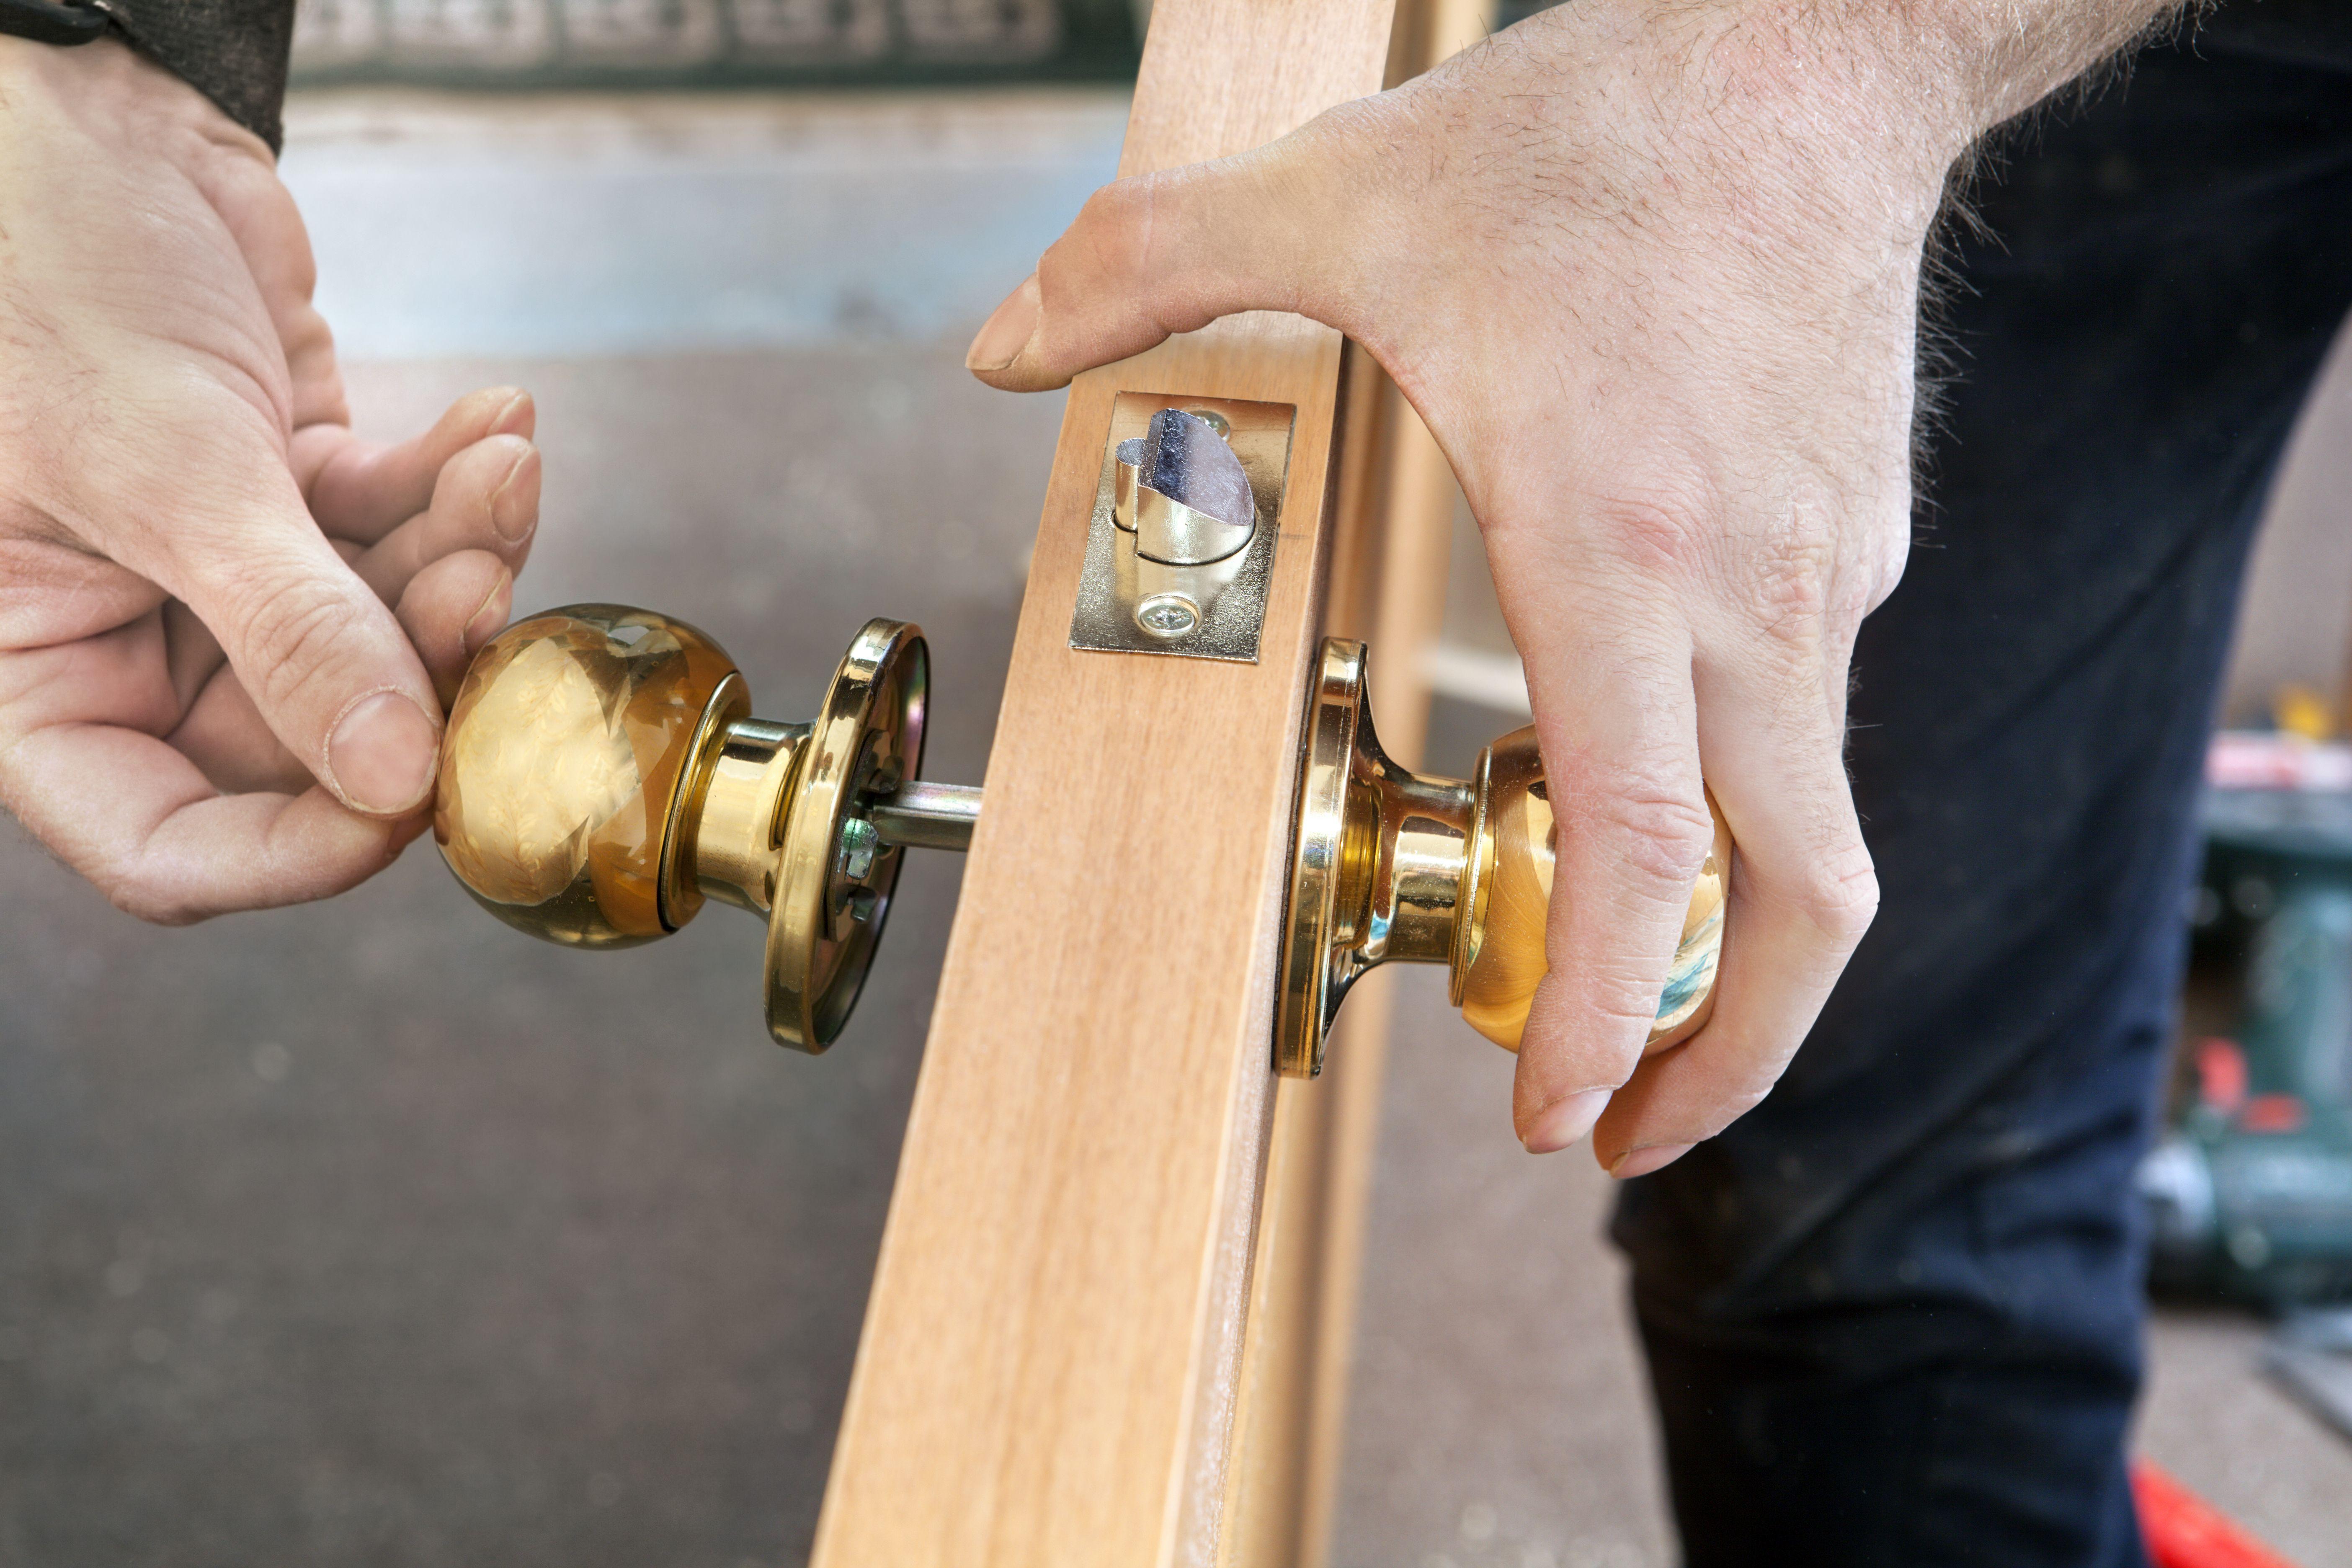 Puertas: Nuestros servicios de Servicios Integrales Altris - Blazga